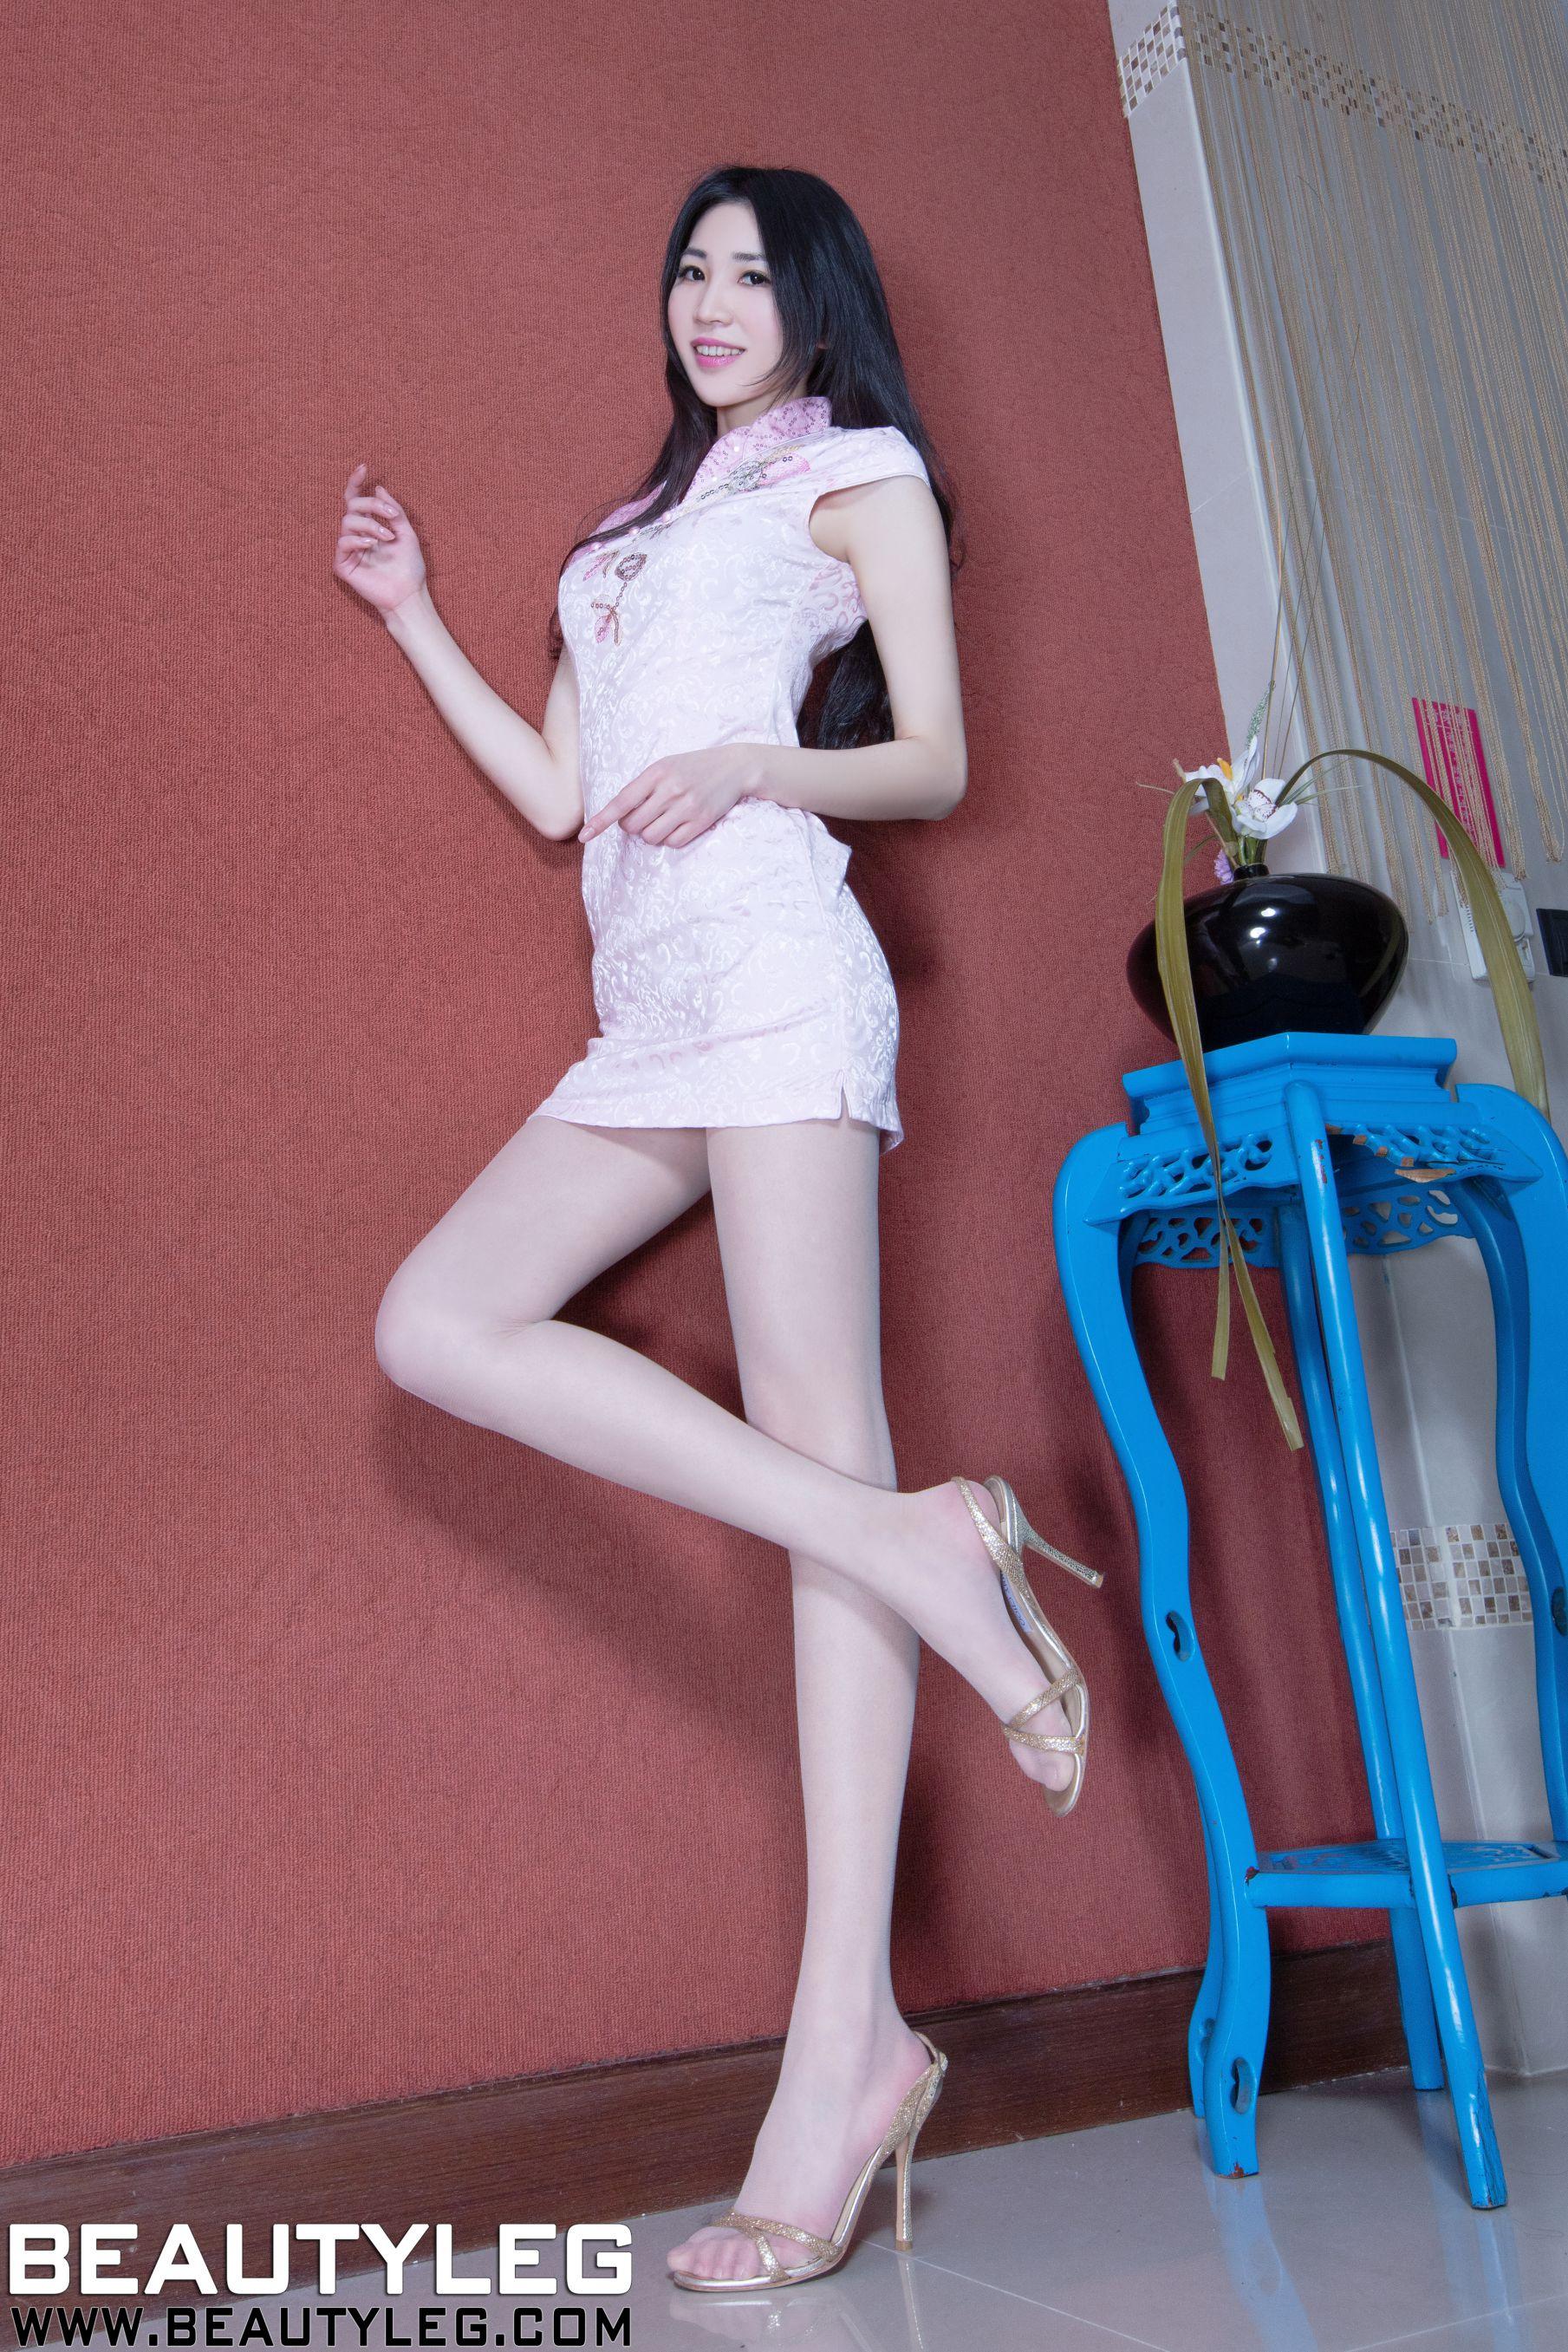 VOL.11 [Beautyleg]美腿:腿模Perri高品质写真套图(46P)